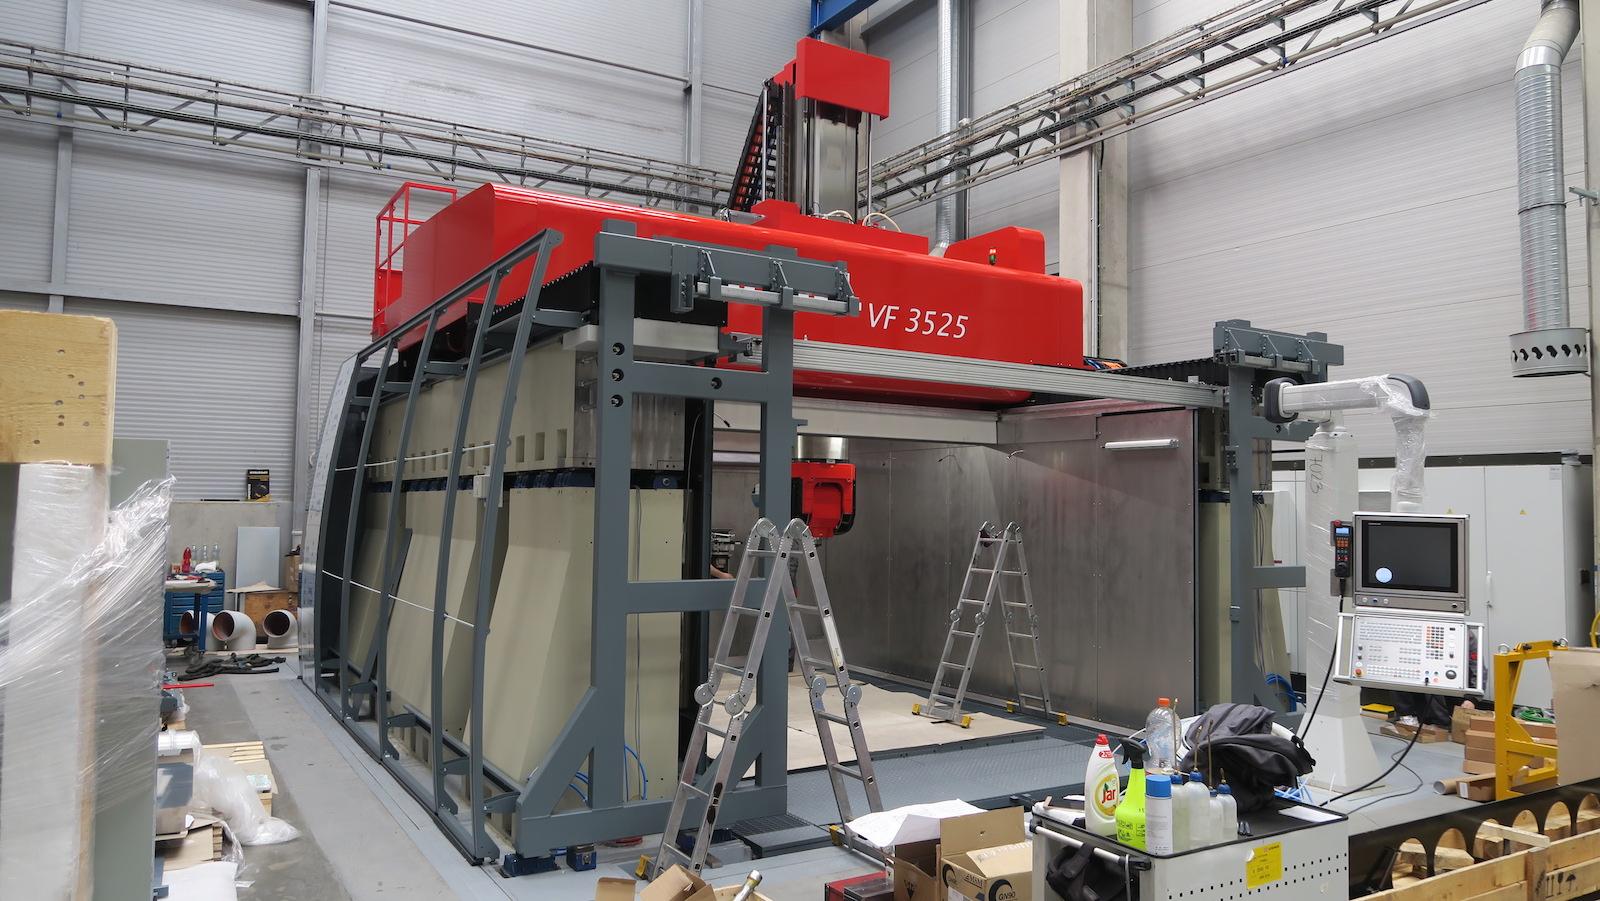 Instalace CNC obráběcího centra Trimill ve společnosti Altran: průběžný stav